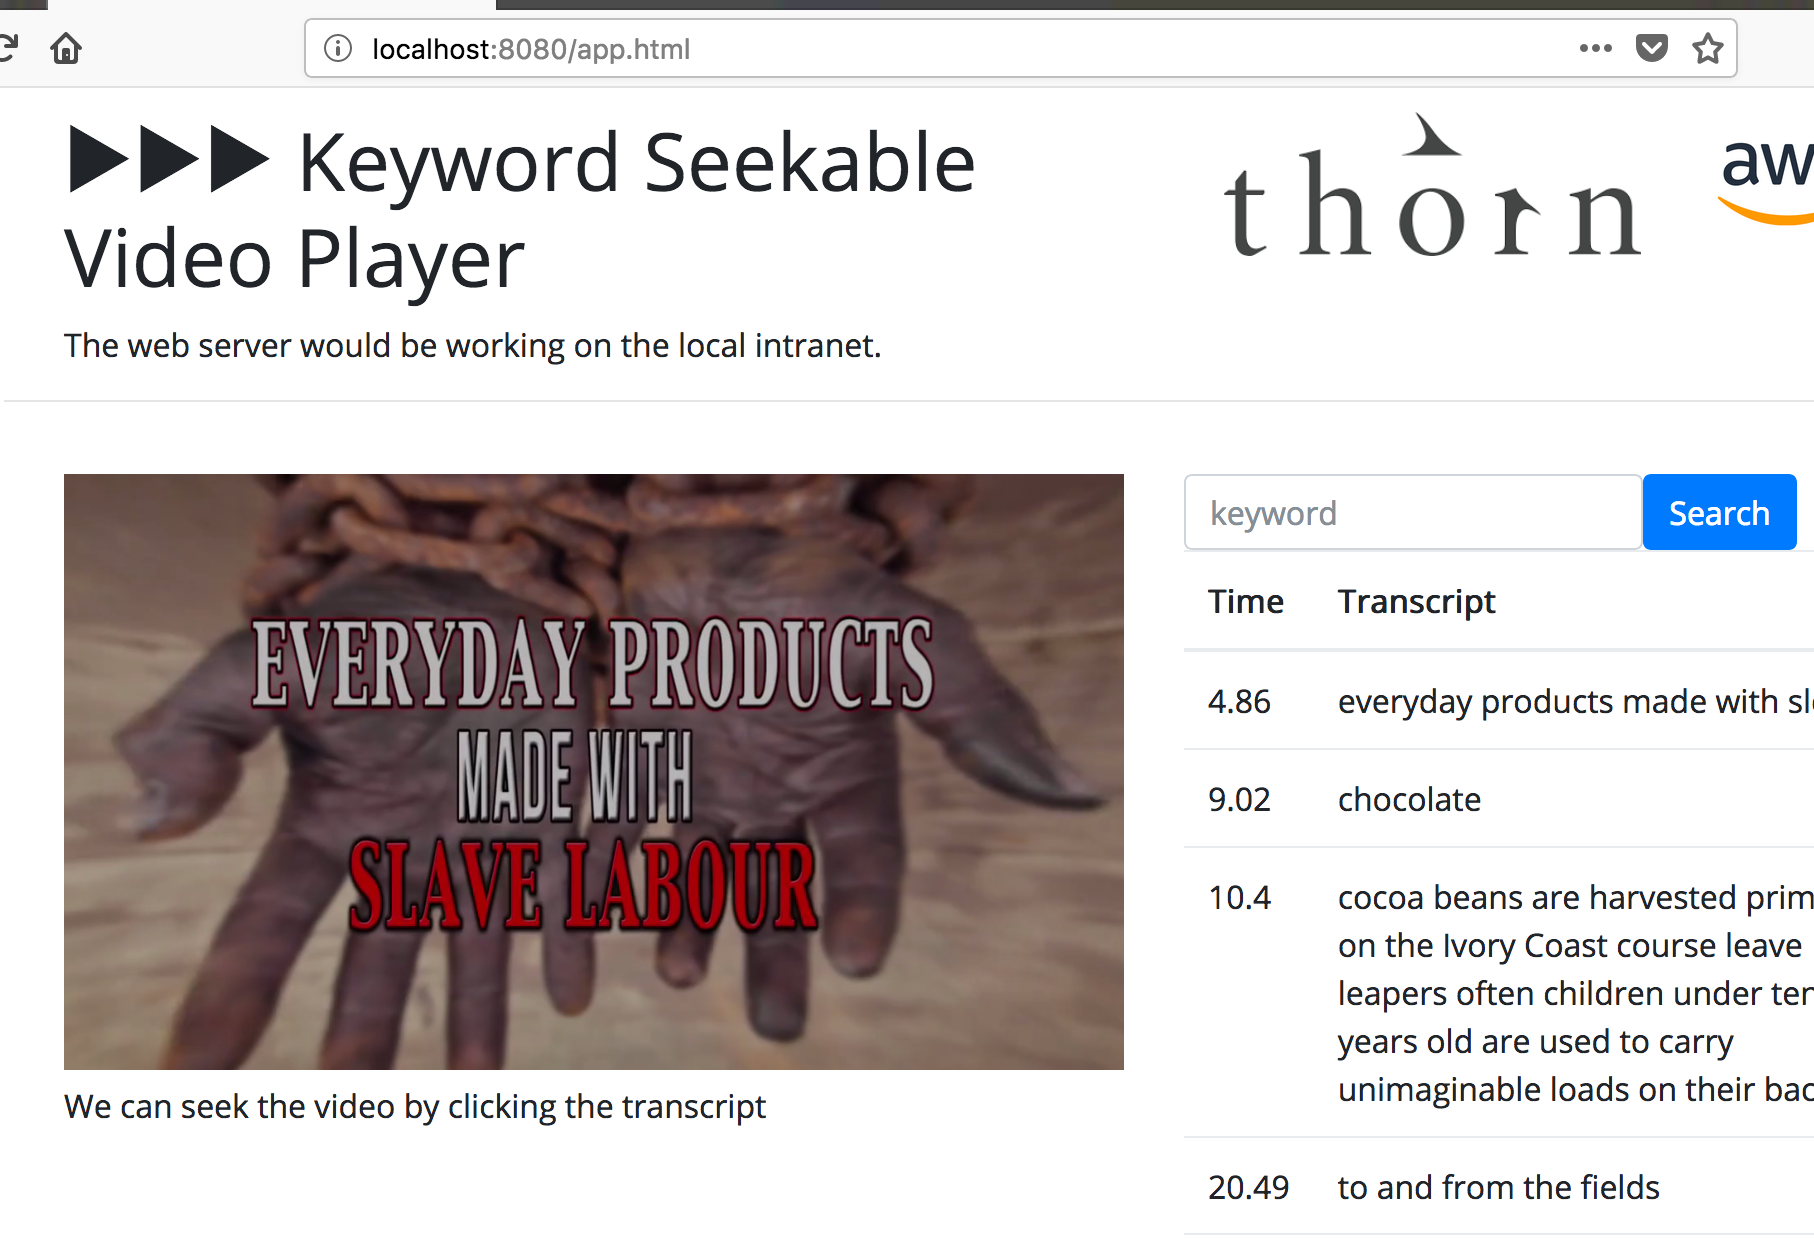 keyword seekable video player